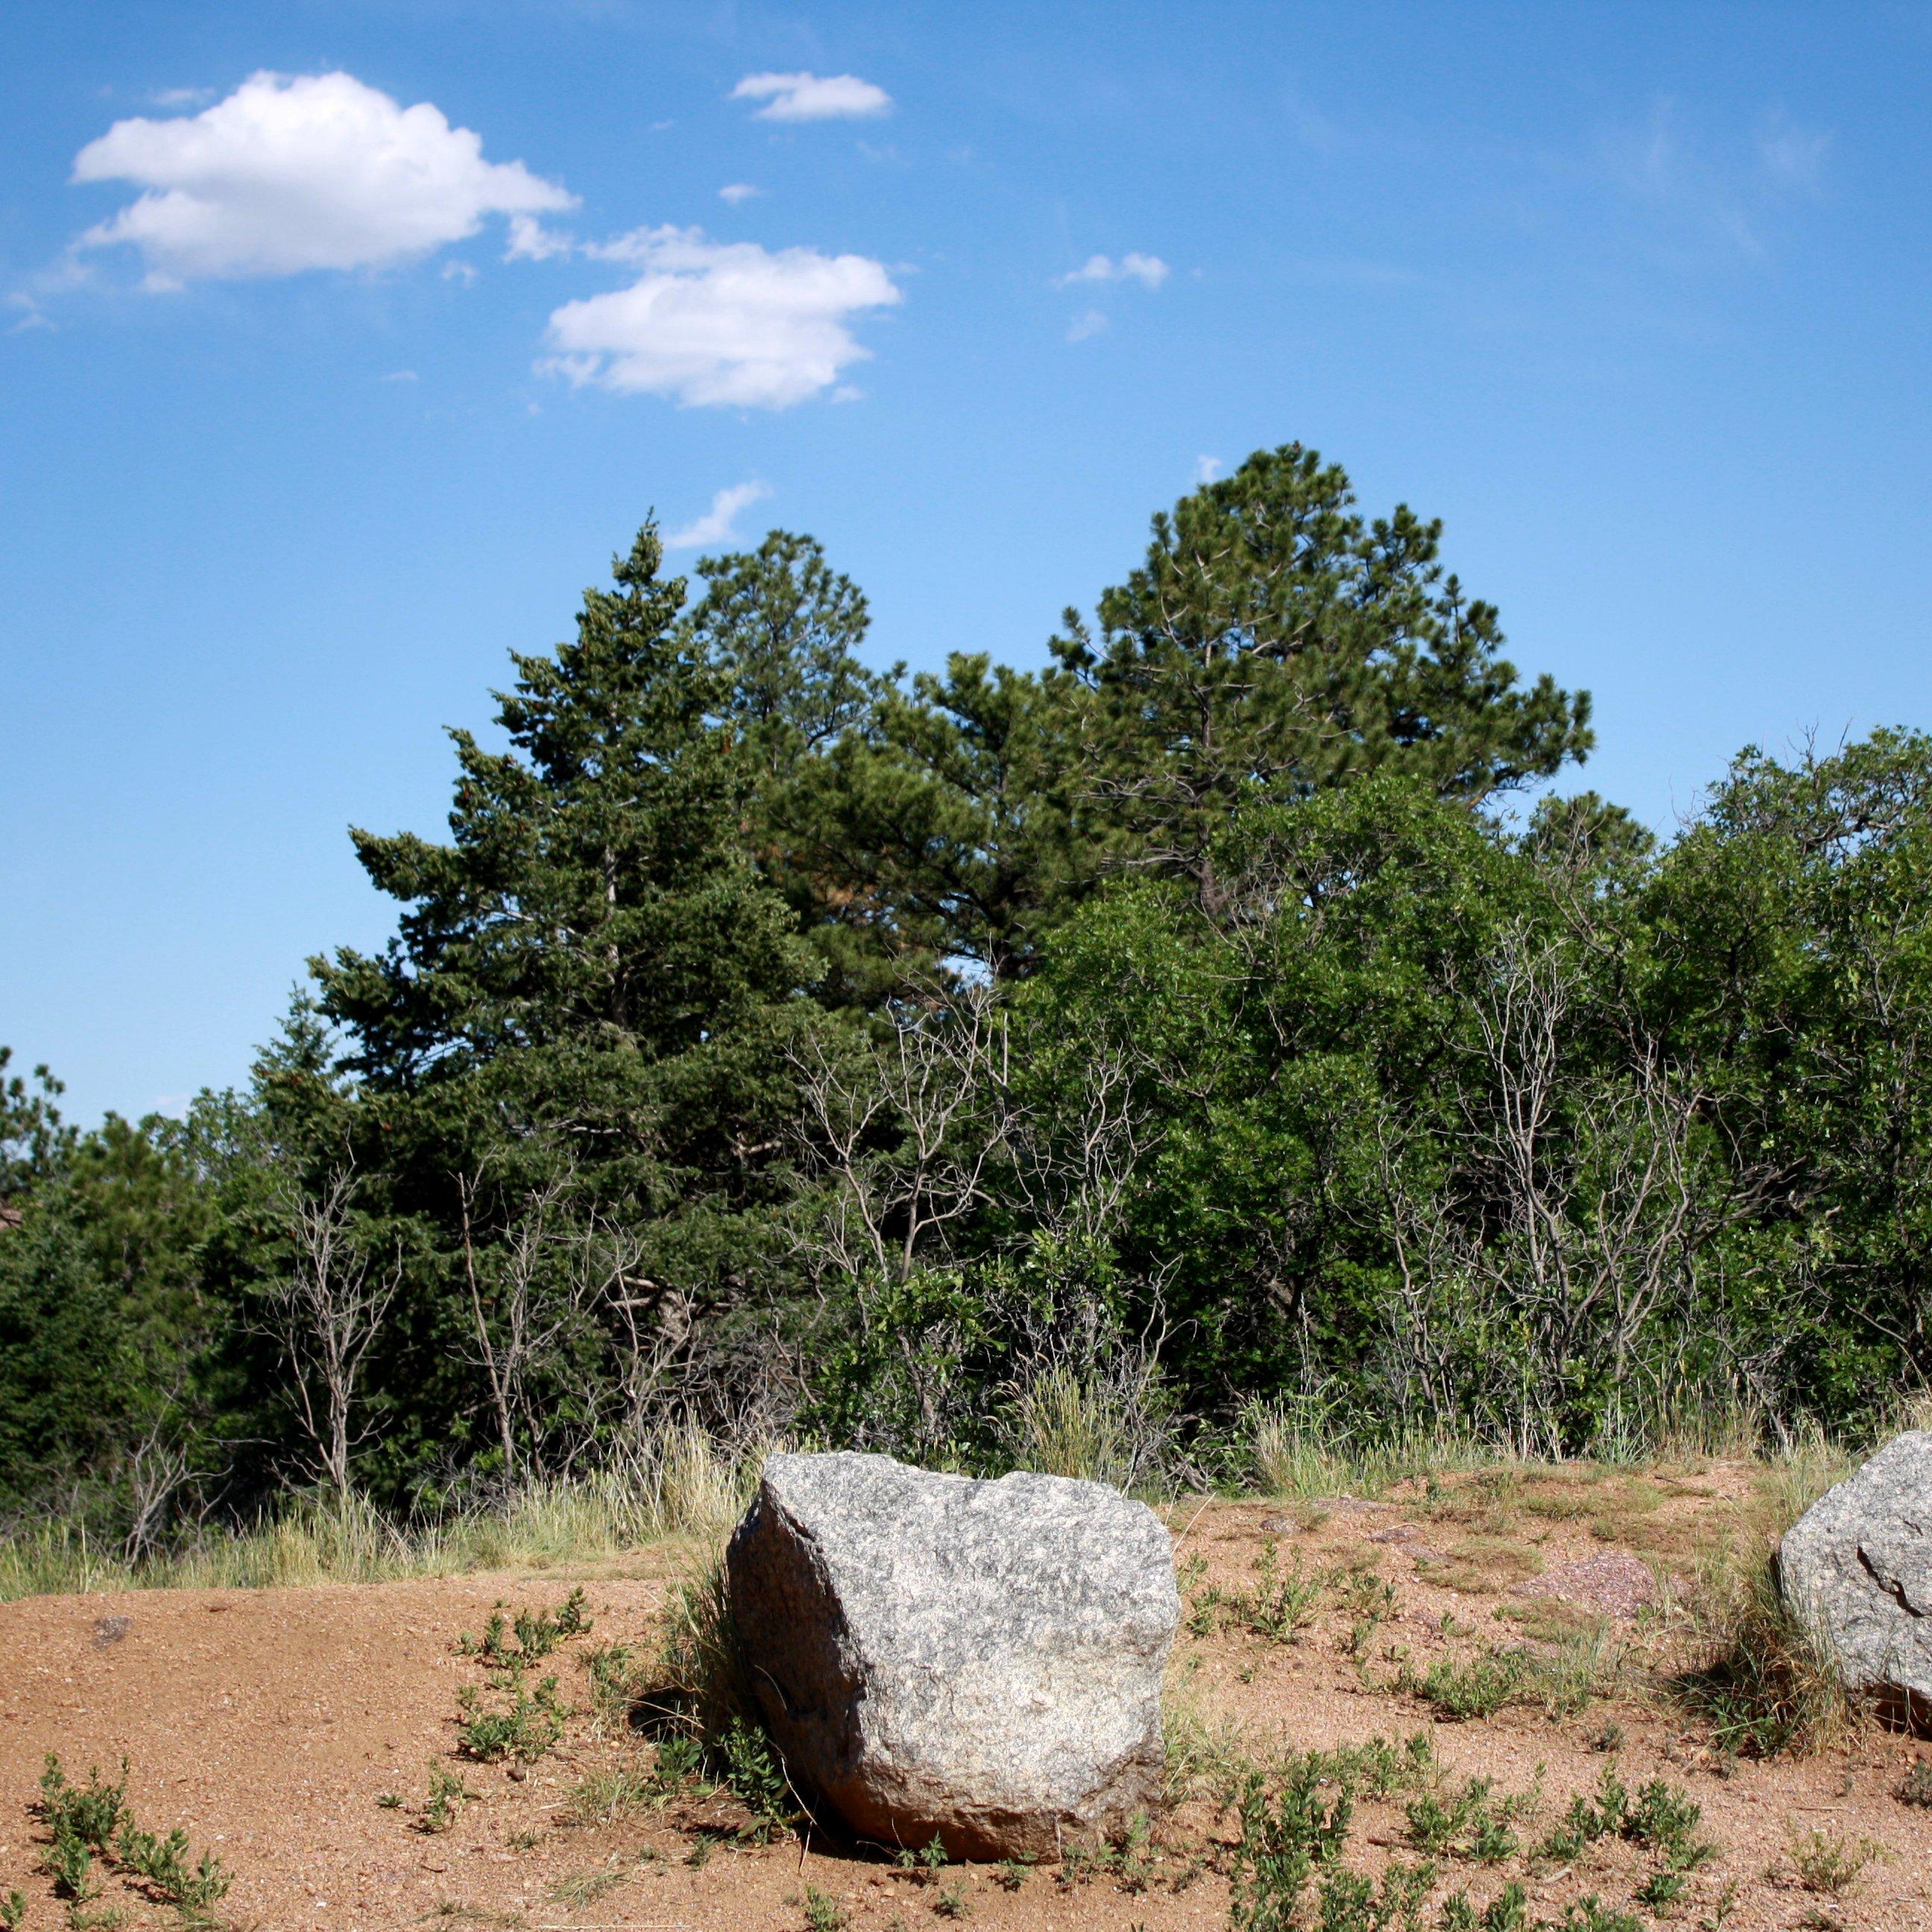 mountains pine trees - photo #27